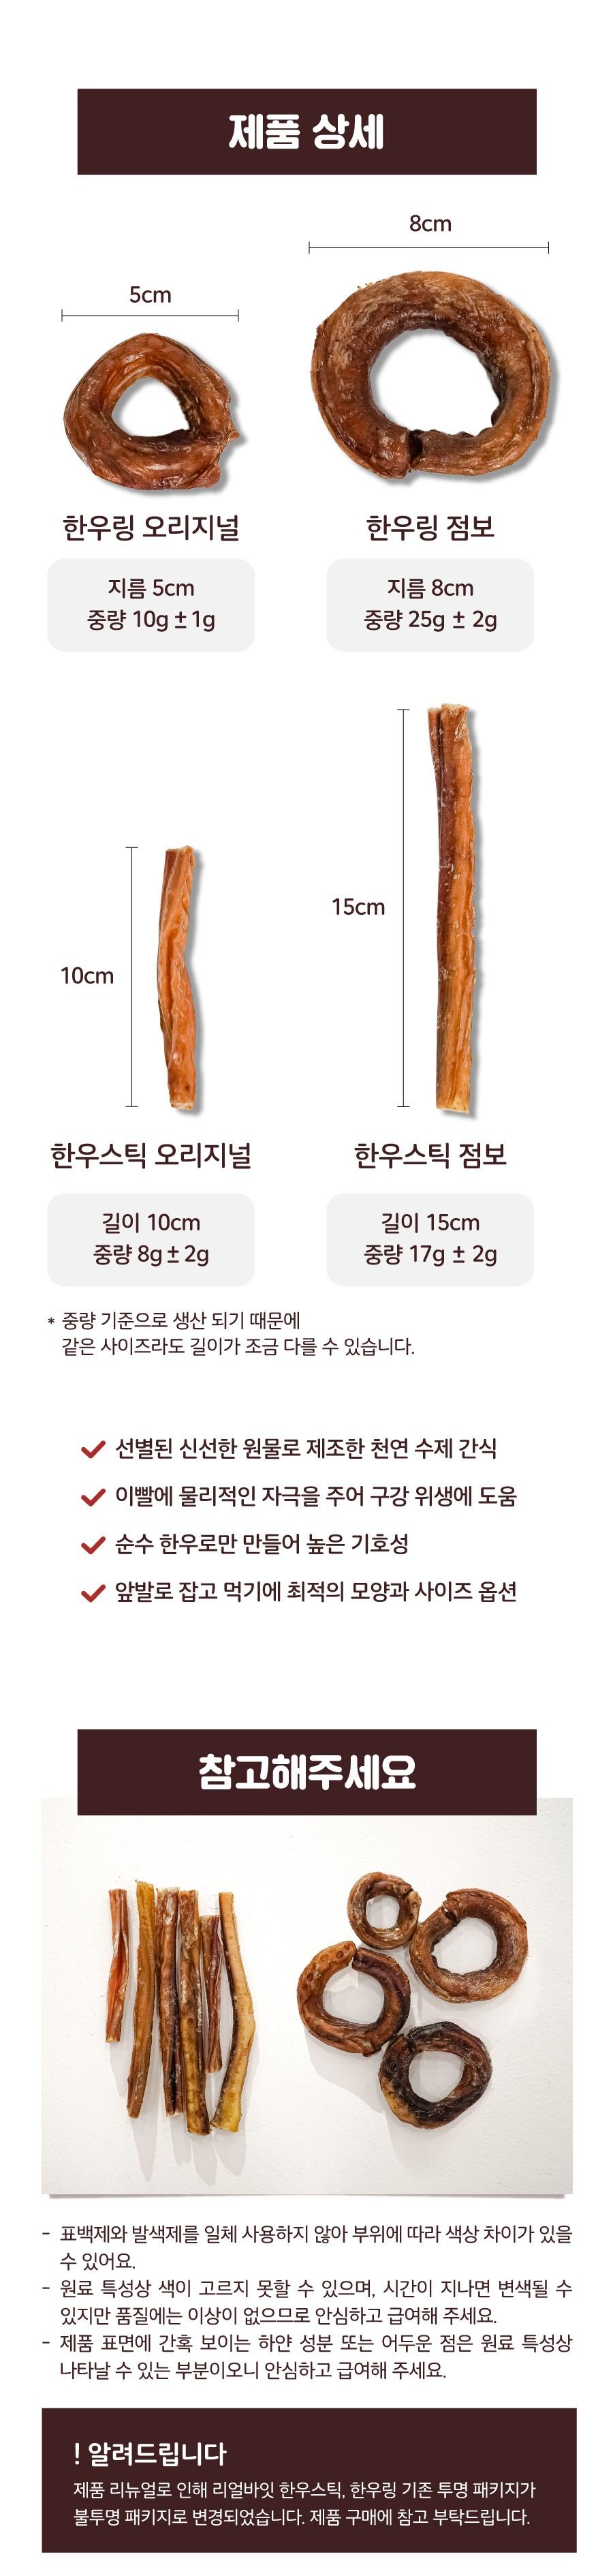 리얼바잇 돼지귀슬라이스&한우스틱&한우링-상품이미지-22